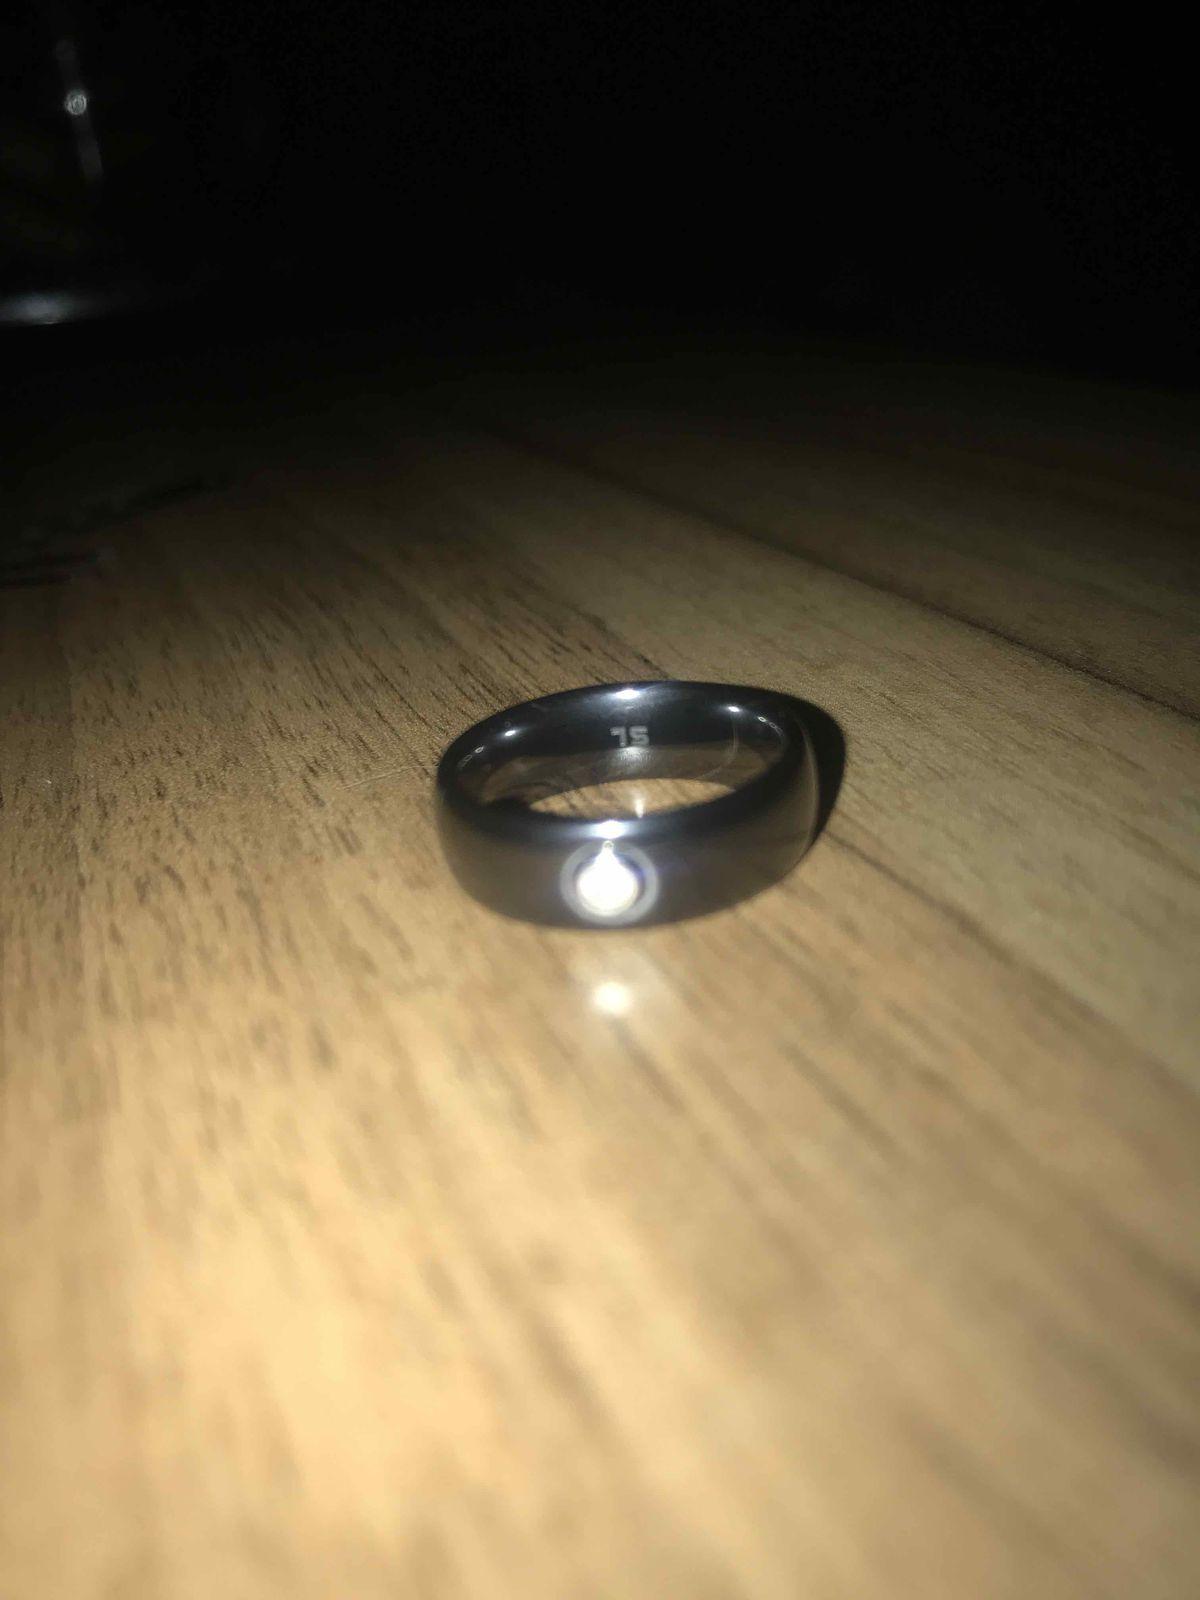 Покупкой довольна, очень красивое кольцо